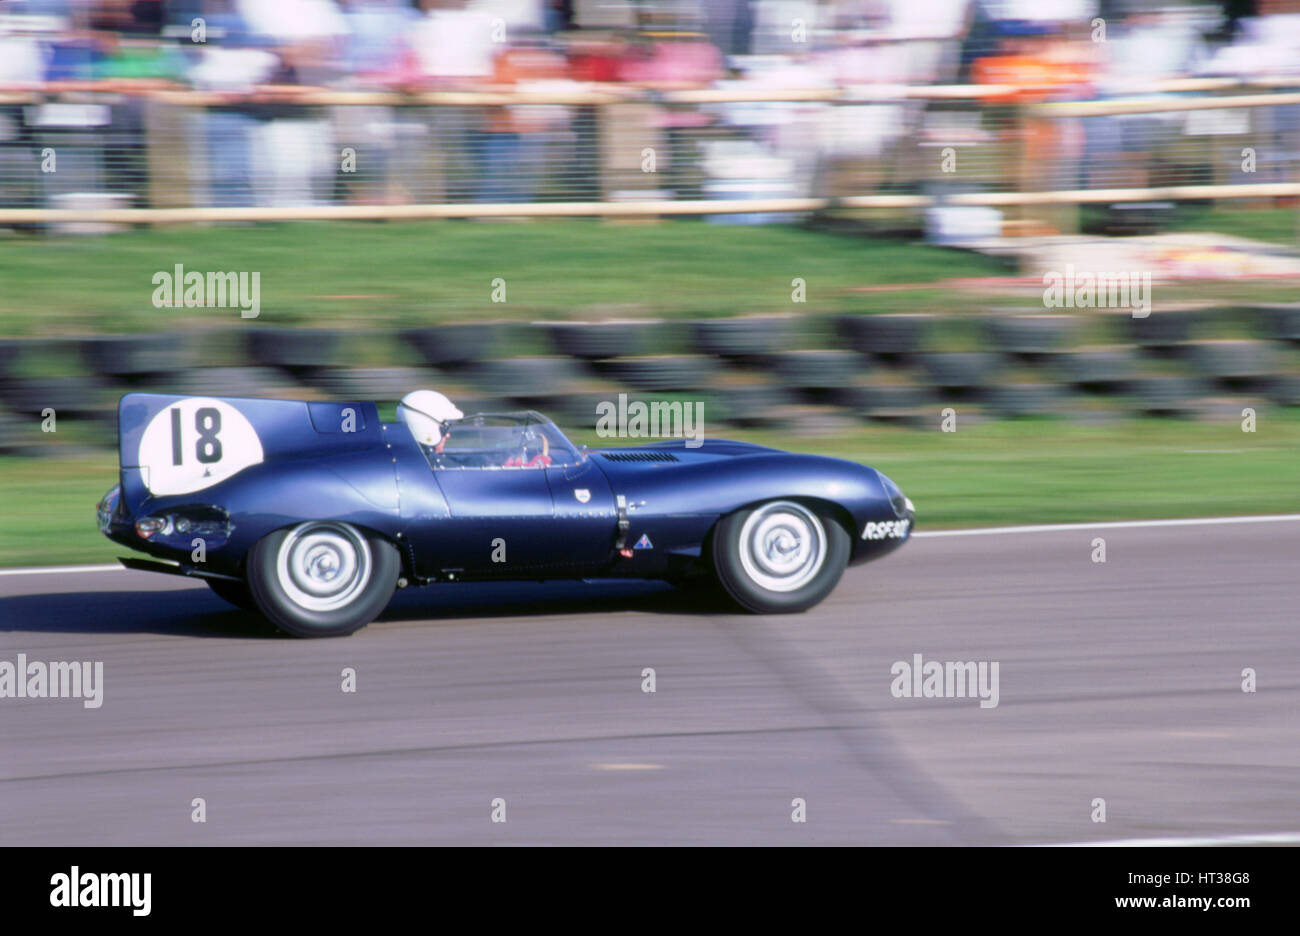 1998 beim Goodwood Revival Meeting. Jaguar D-Type. Künstler: unbekannt. Stockbild